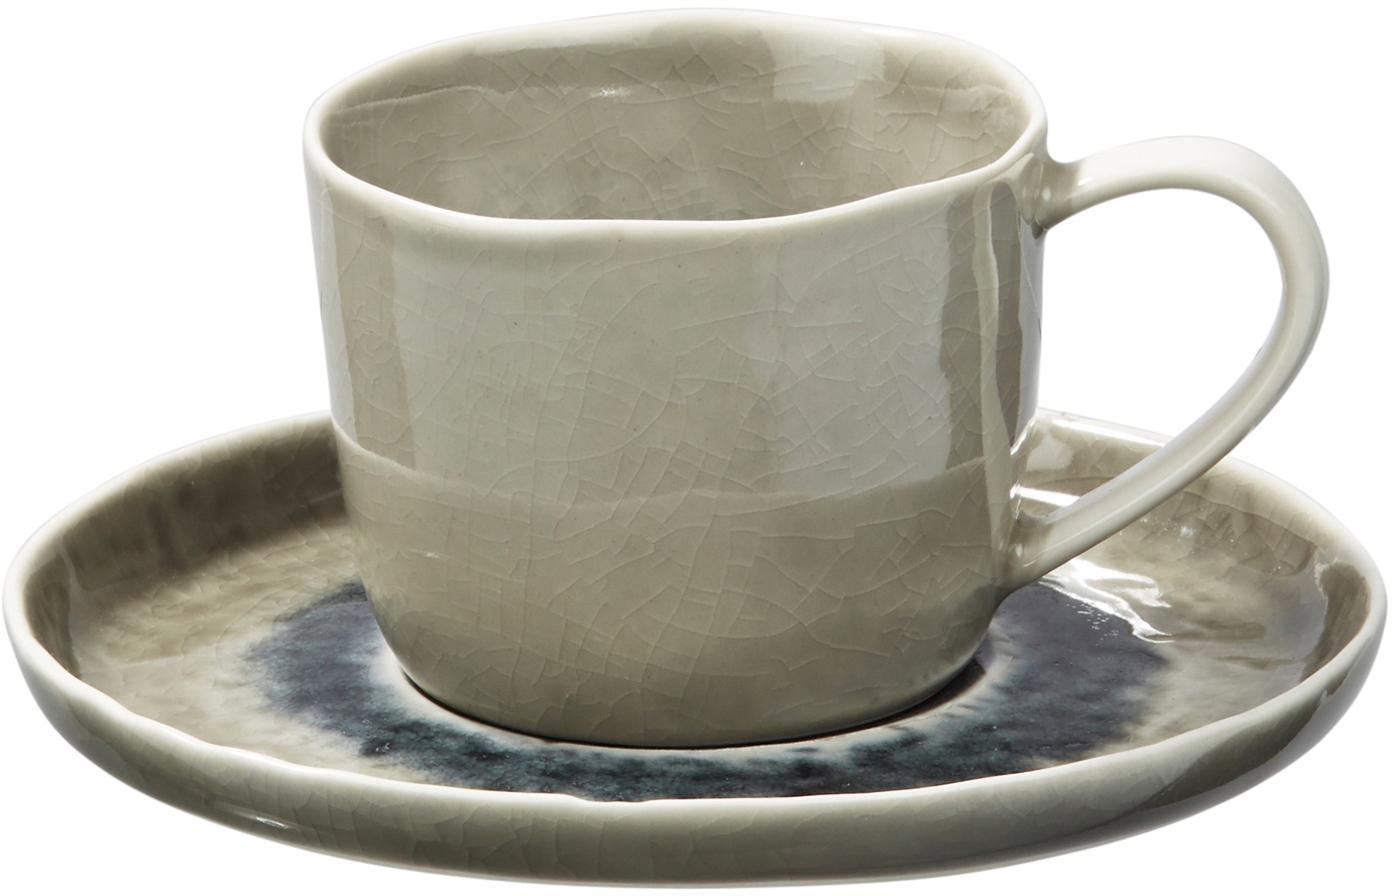 Kopje met schoteltje Porcelino Sea, 6 stuks, Porselein, Grijsgroen, beige, donkergrijs, Ø 15 x H 8 cm